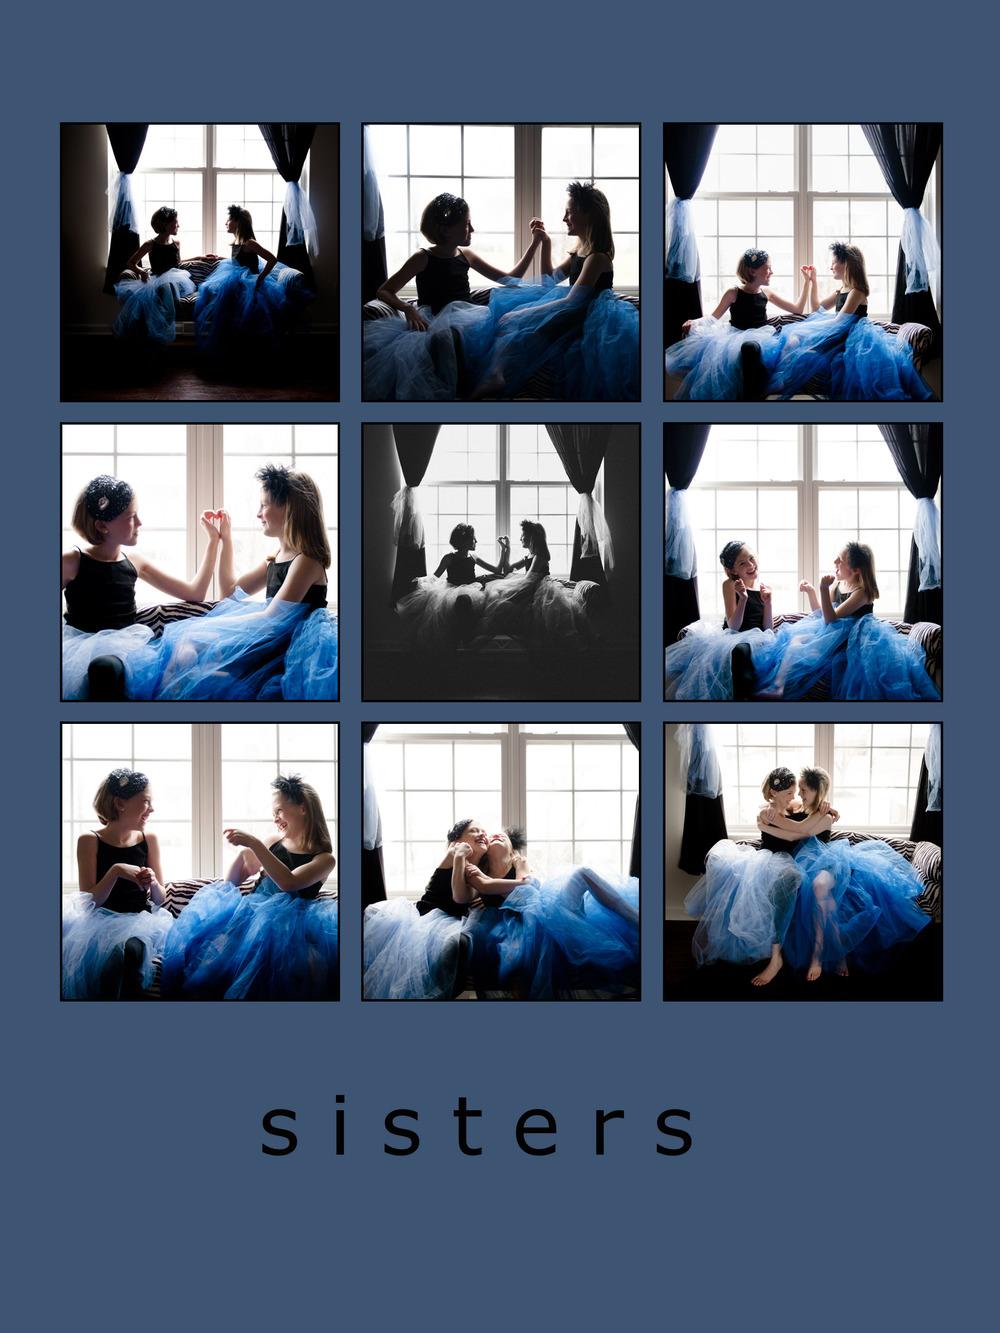 sister-thumb.jpg